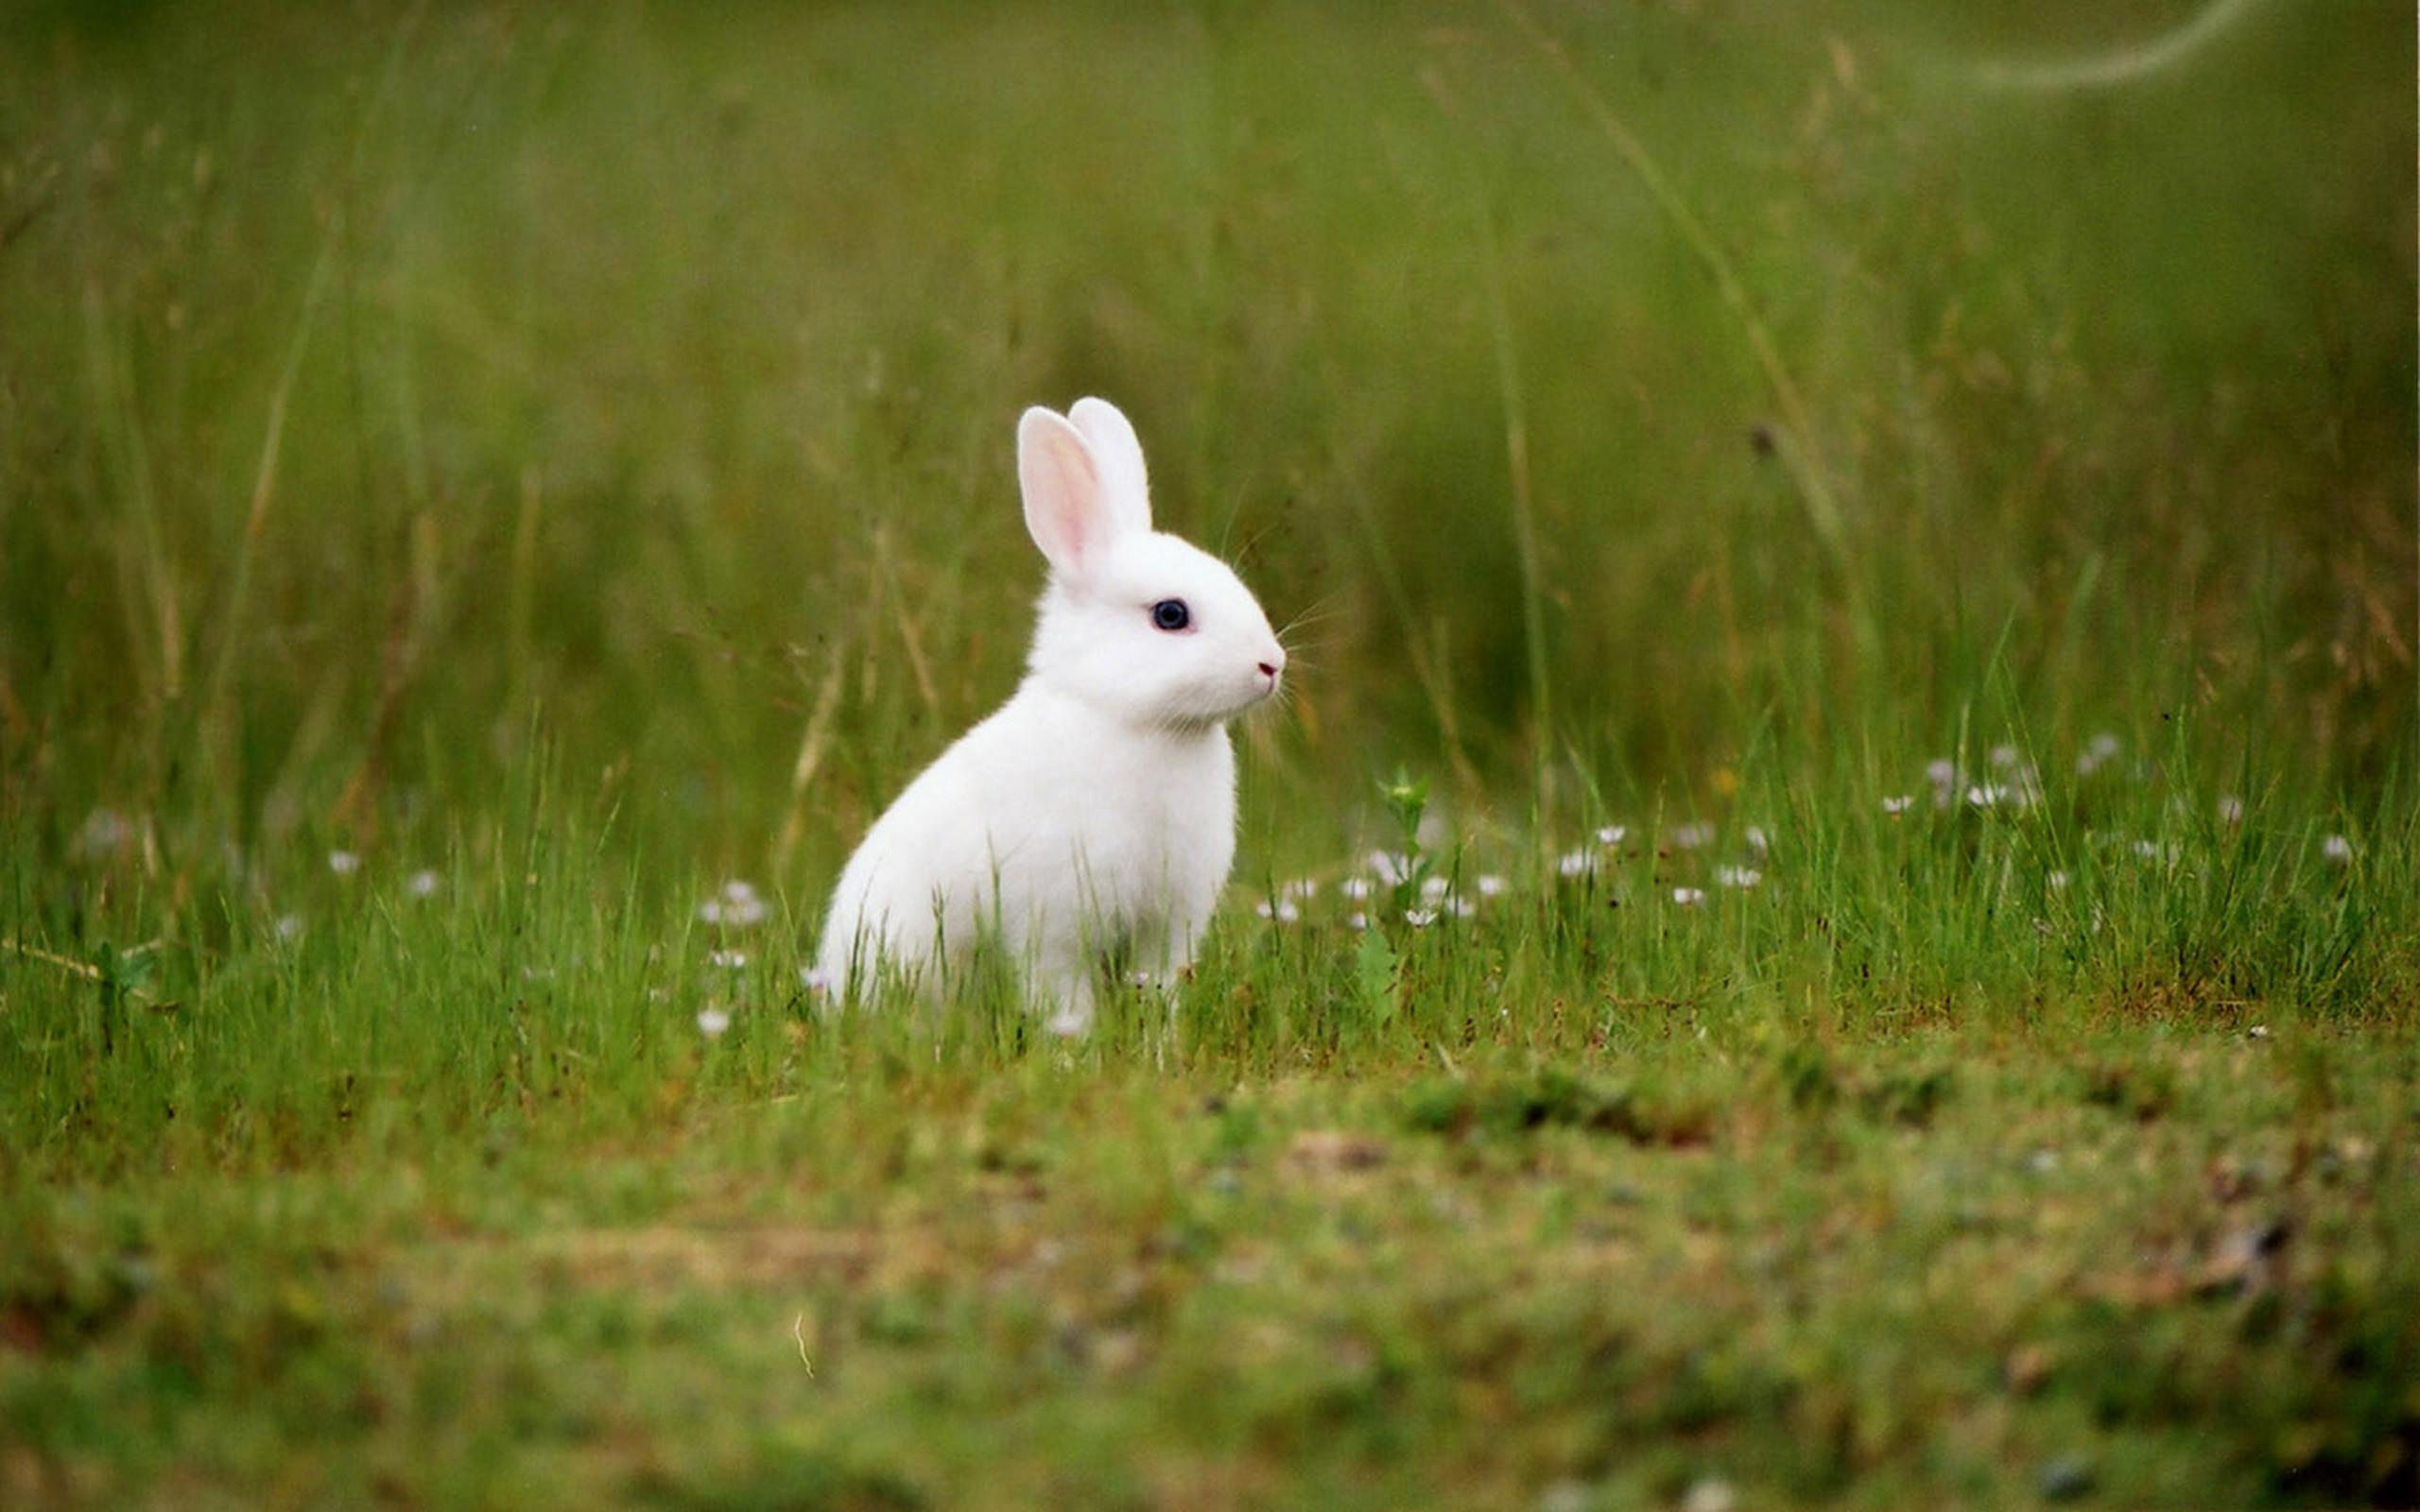 Bunnies wallpaper 63 images 1920x1080 easter bunny desktop wallpaper 20 voltagebd Image collections